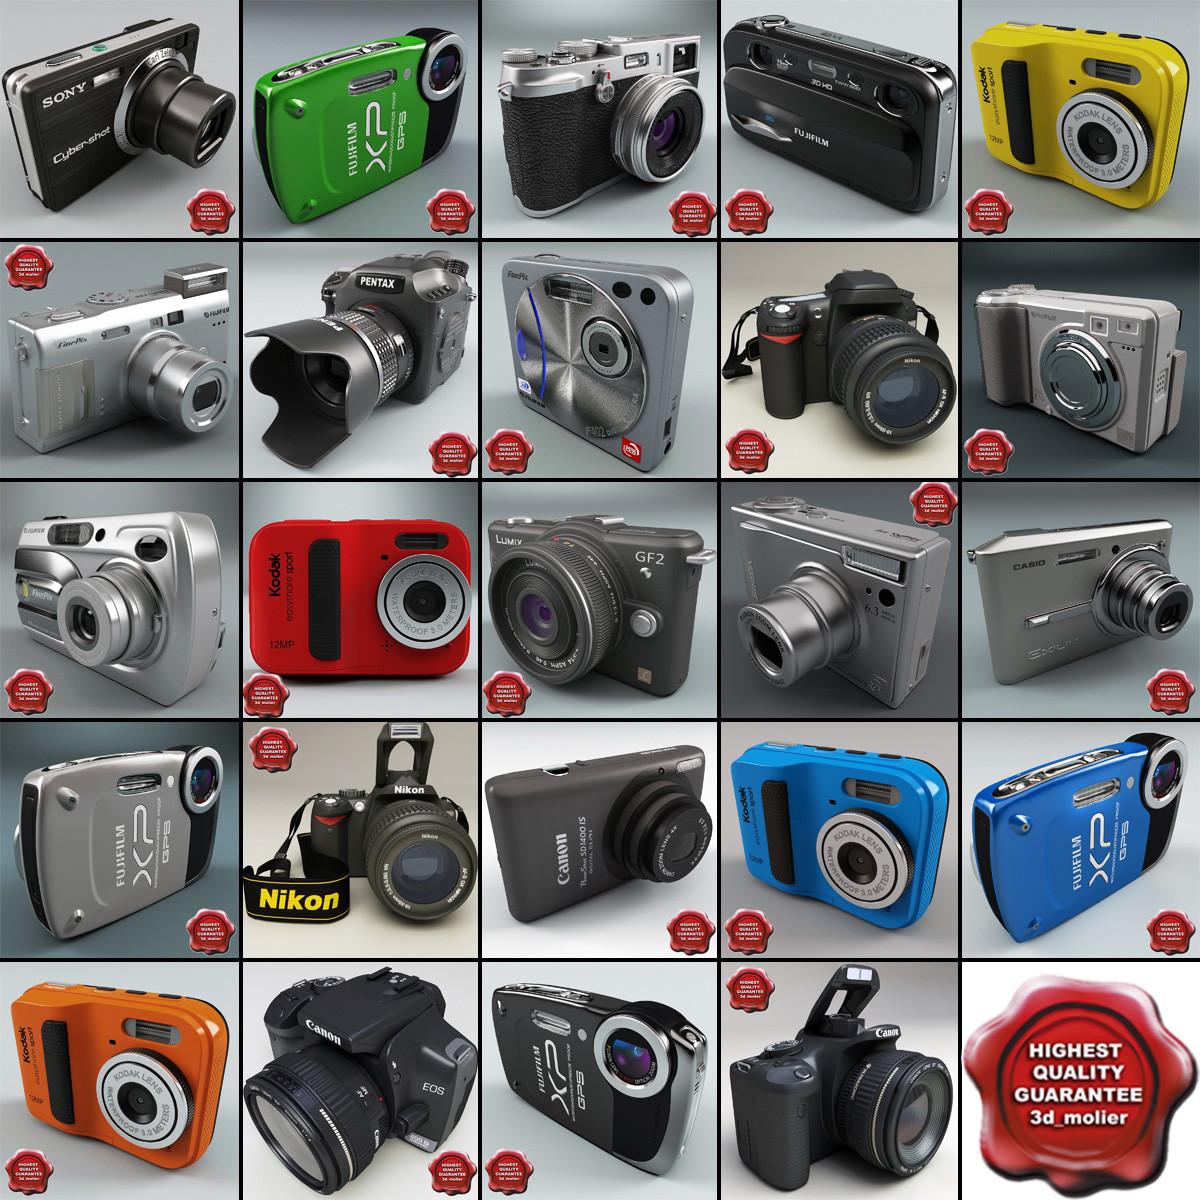 c4d digital cameras v9